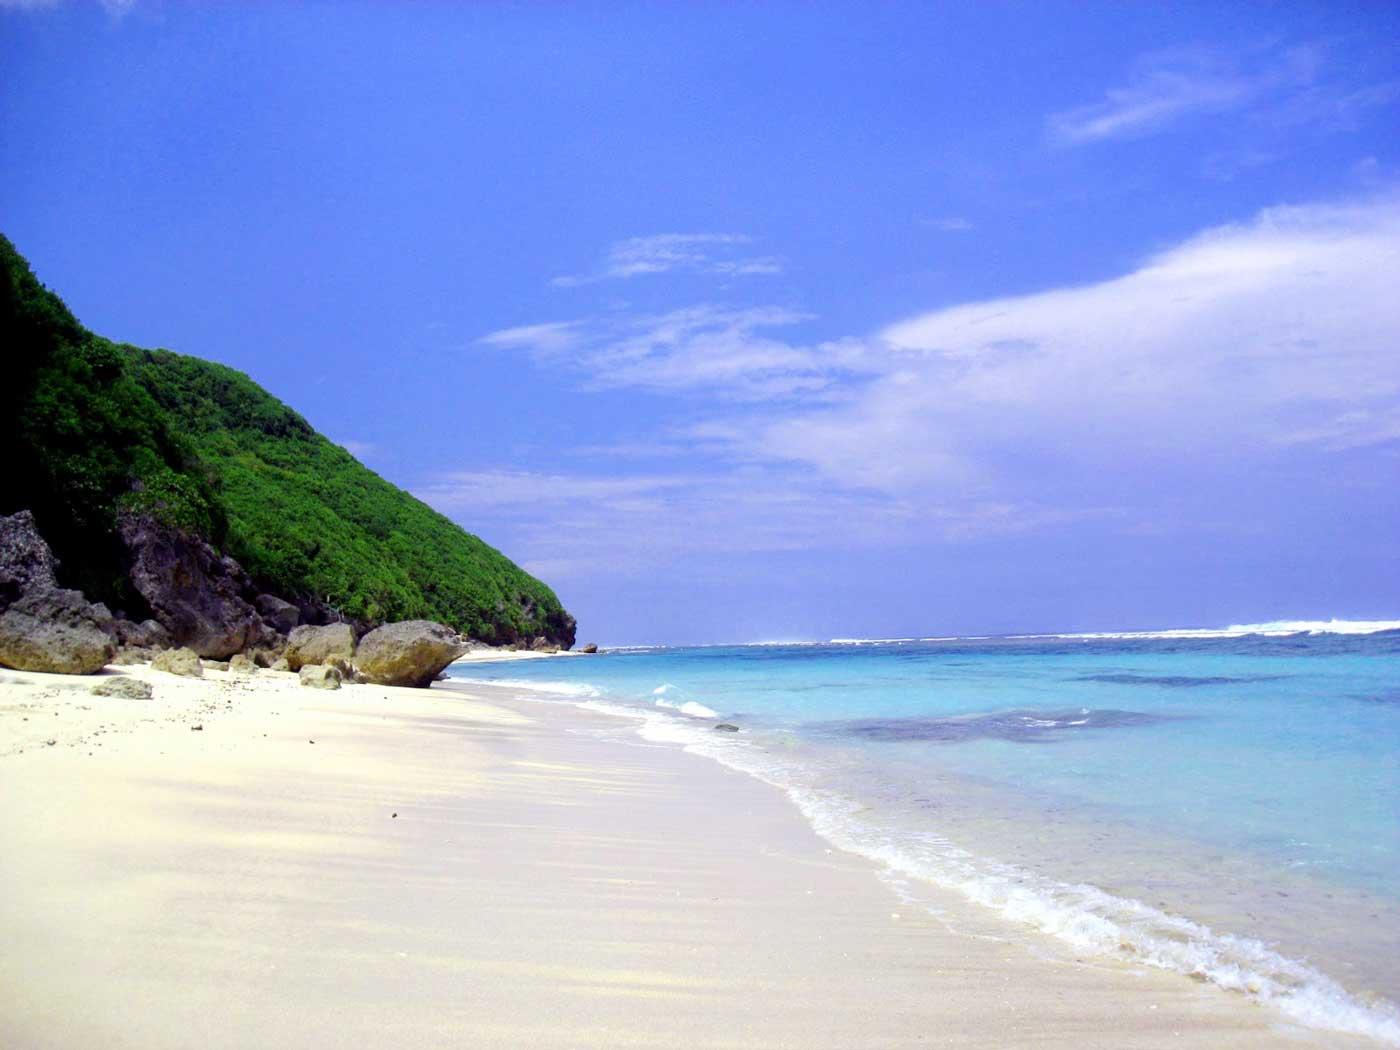 Pantai Baru Di Bali Yang Paling Terkenal Referensi Tempat